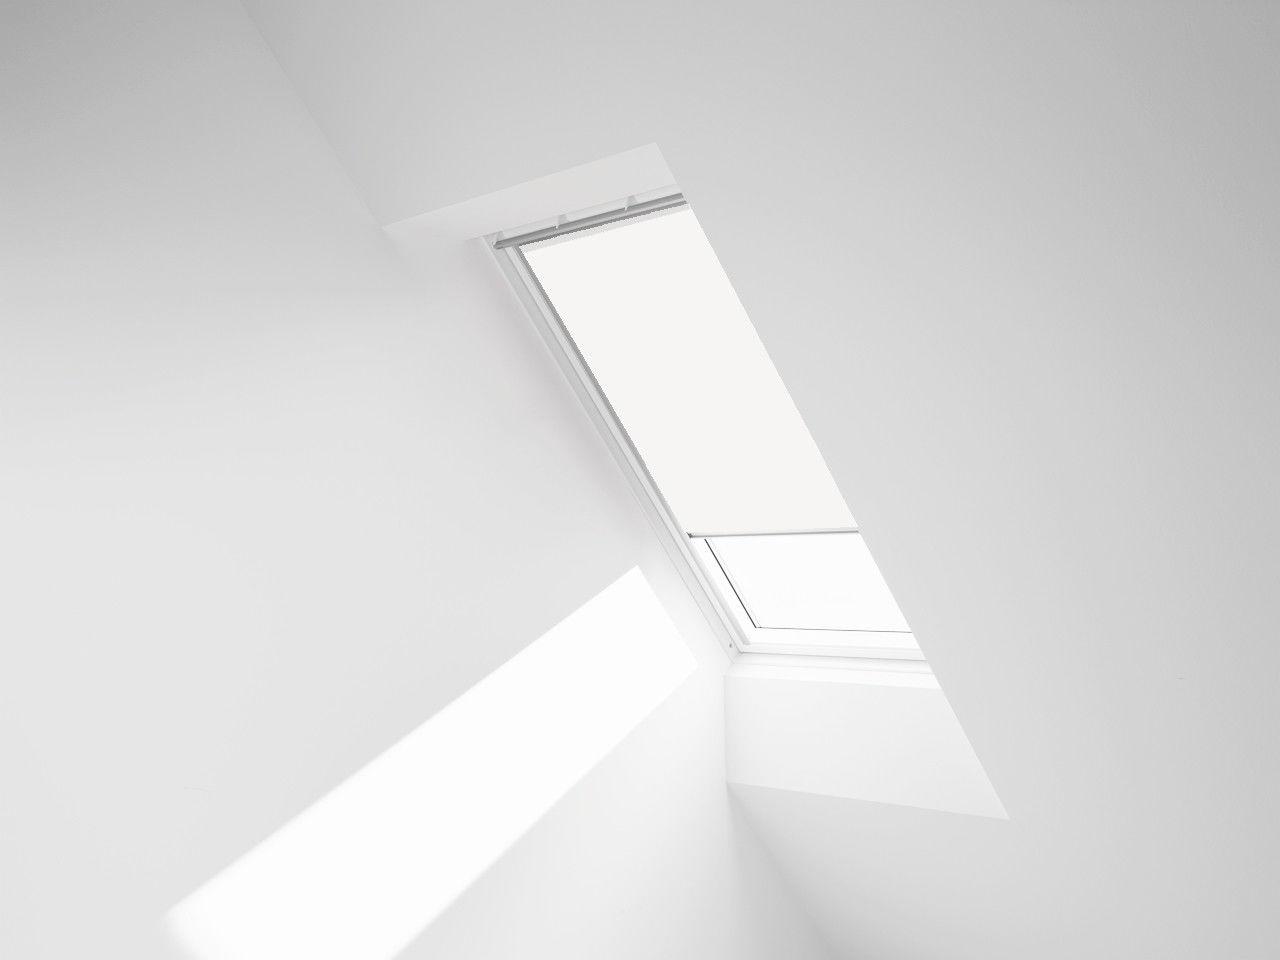 ROLETA ZACIEMNIAJĄCA ROOFART DUR - kolor 4208 (biały) - 55x78 C2A